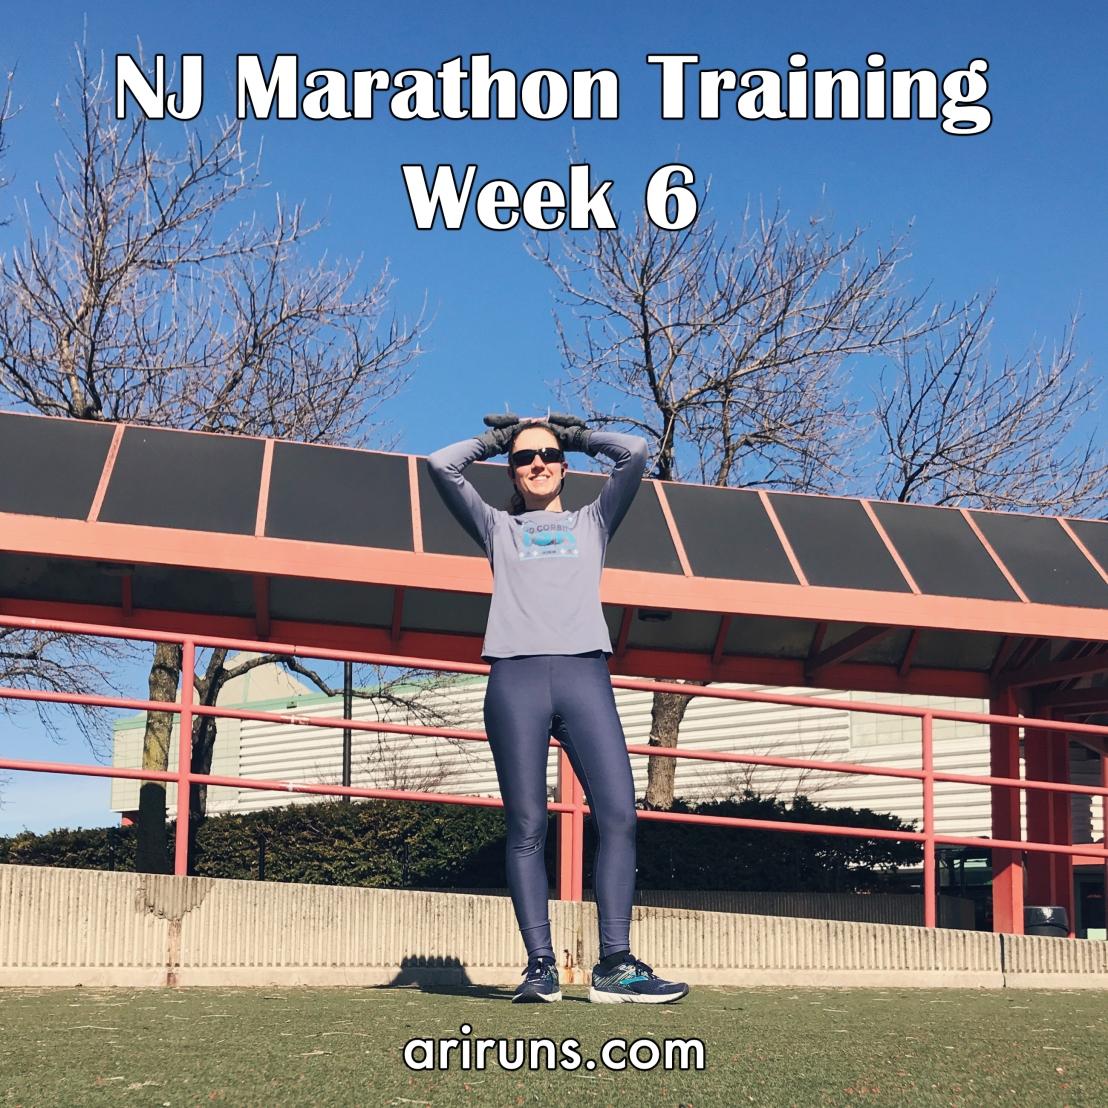 IMG_2577 NJ Marathon Training Week 6